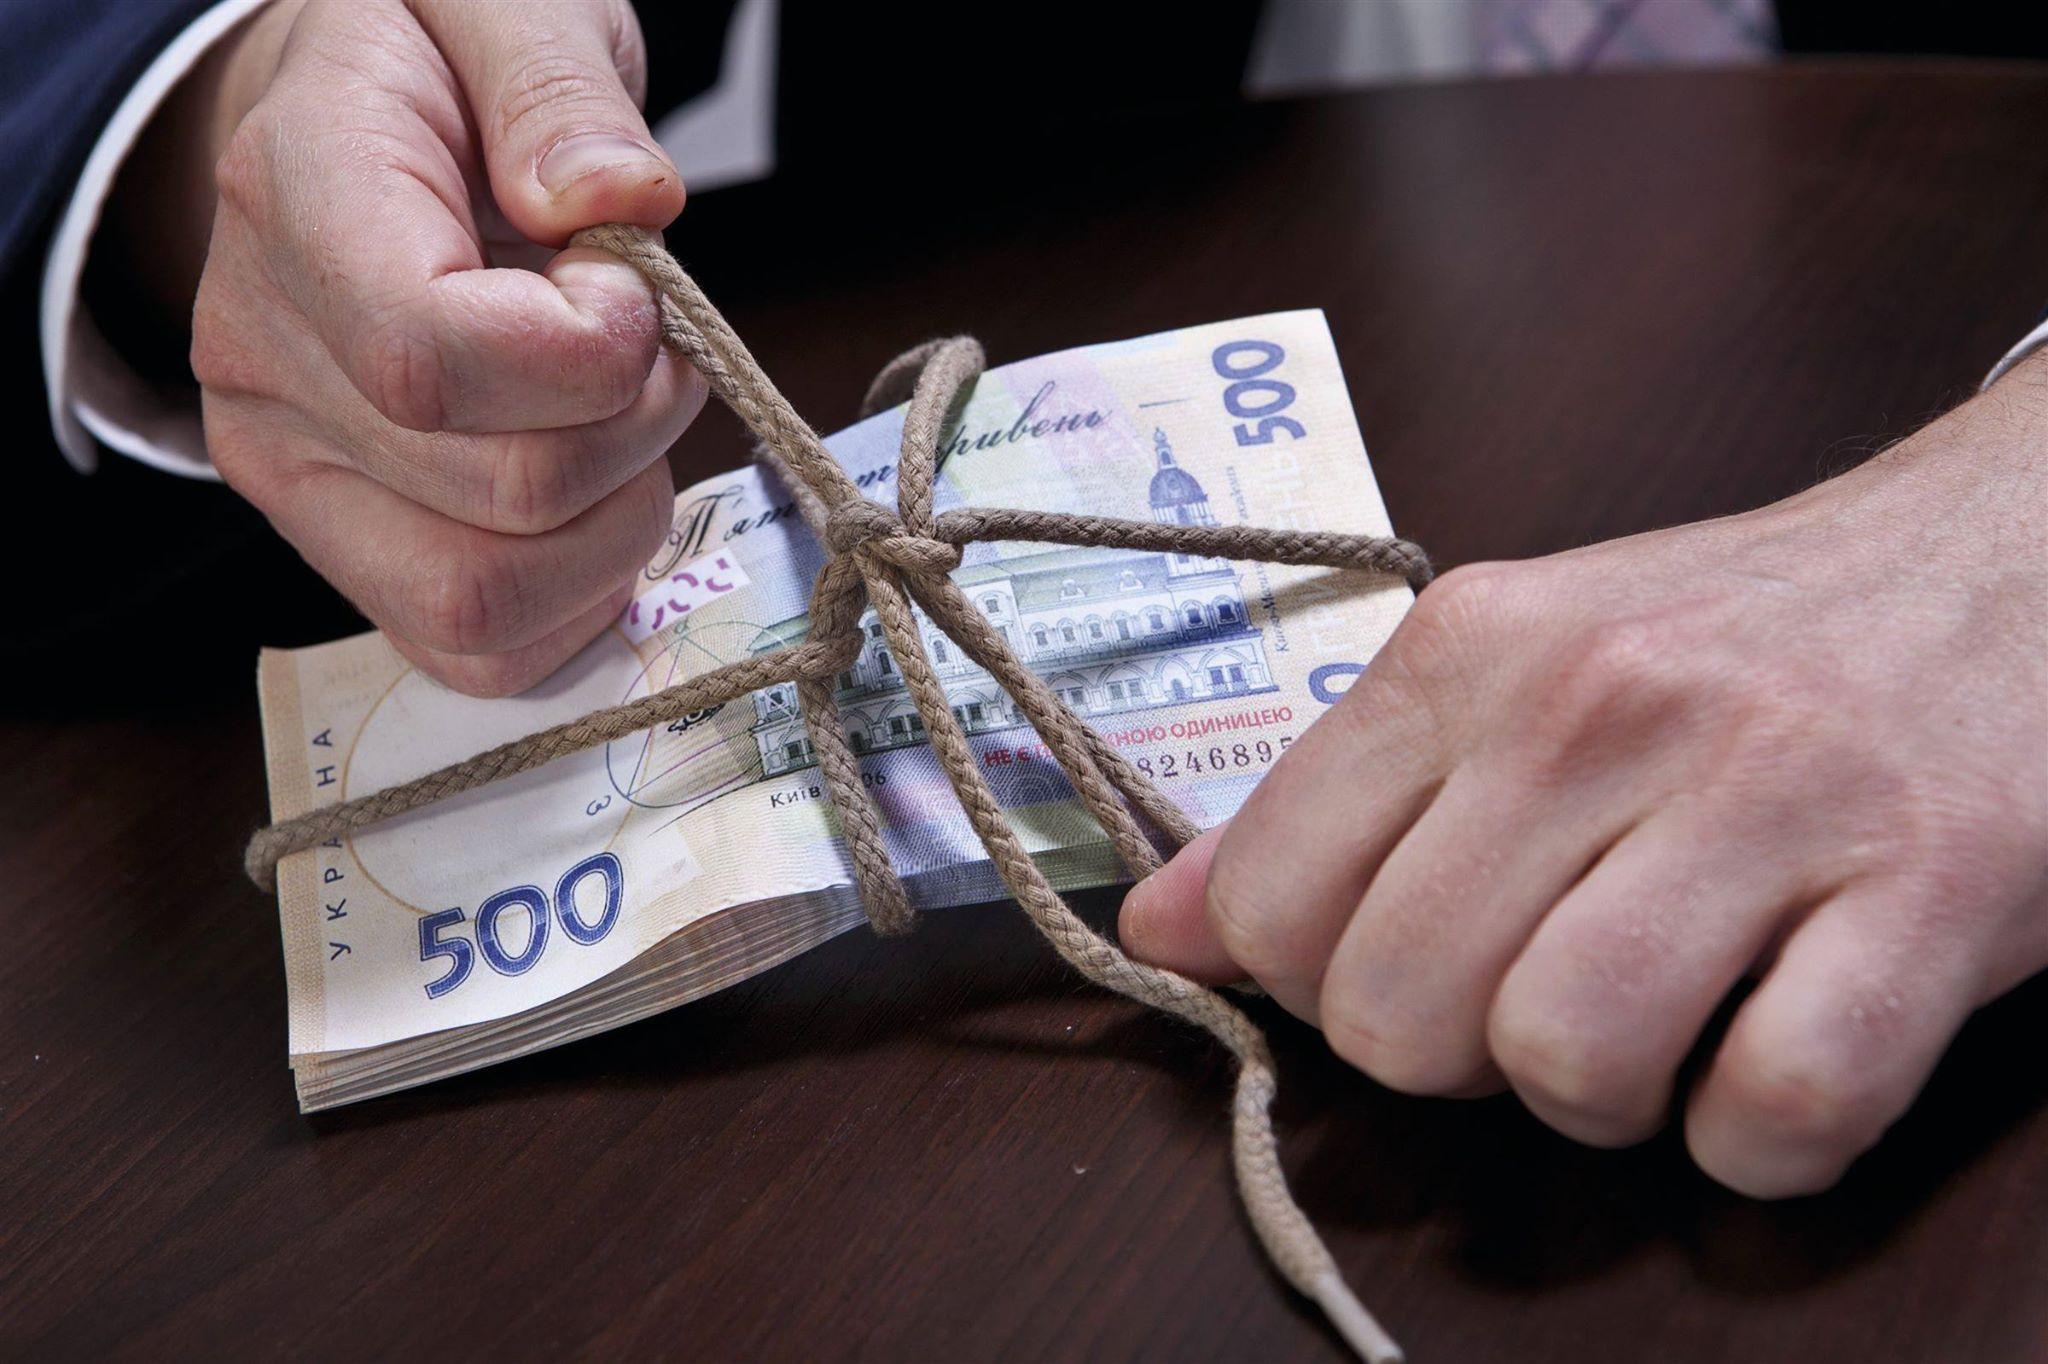 Экс-директора херсонского коммунального предприятия подозревают в присвоении бюджетных денег